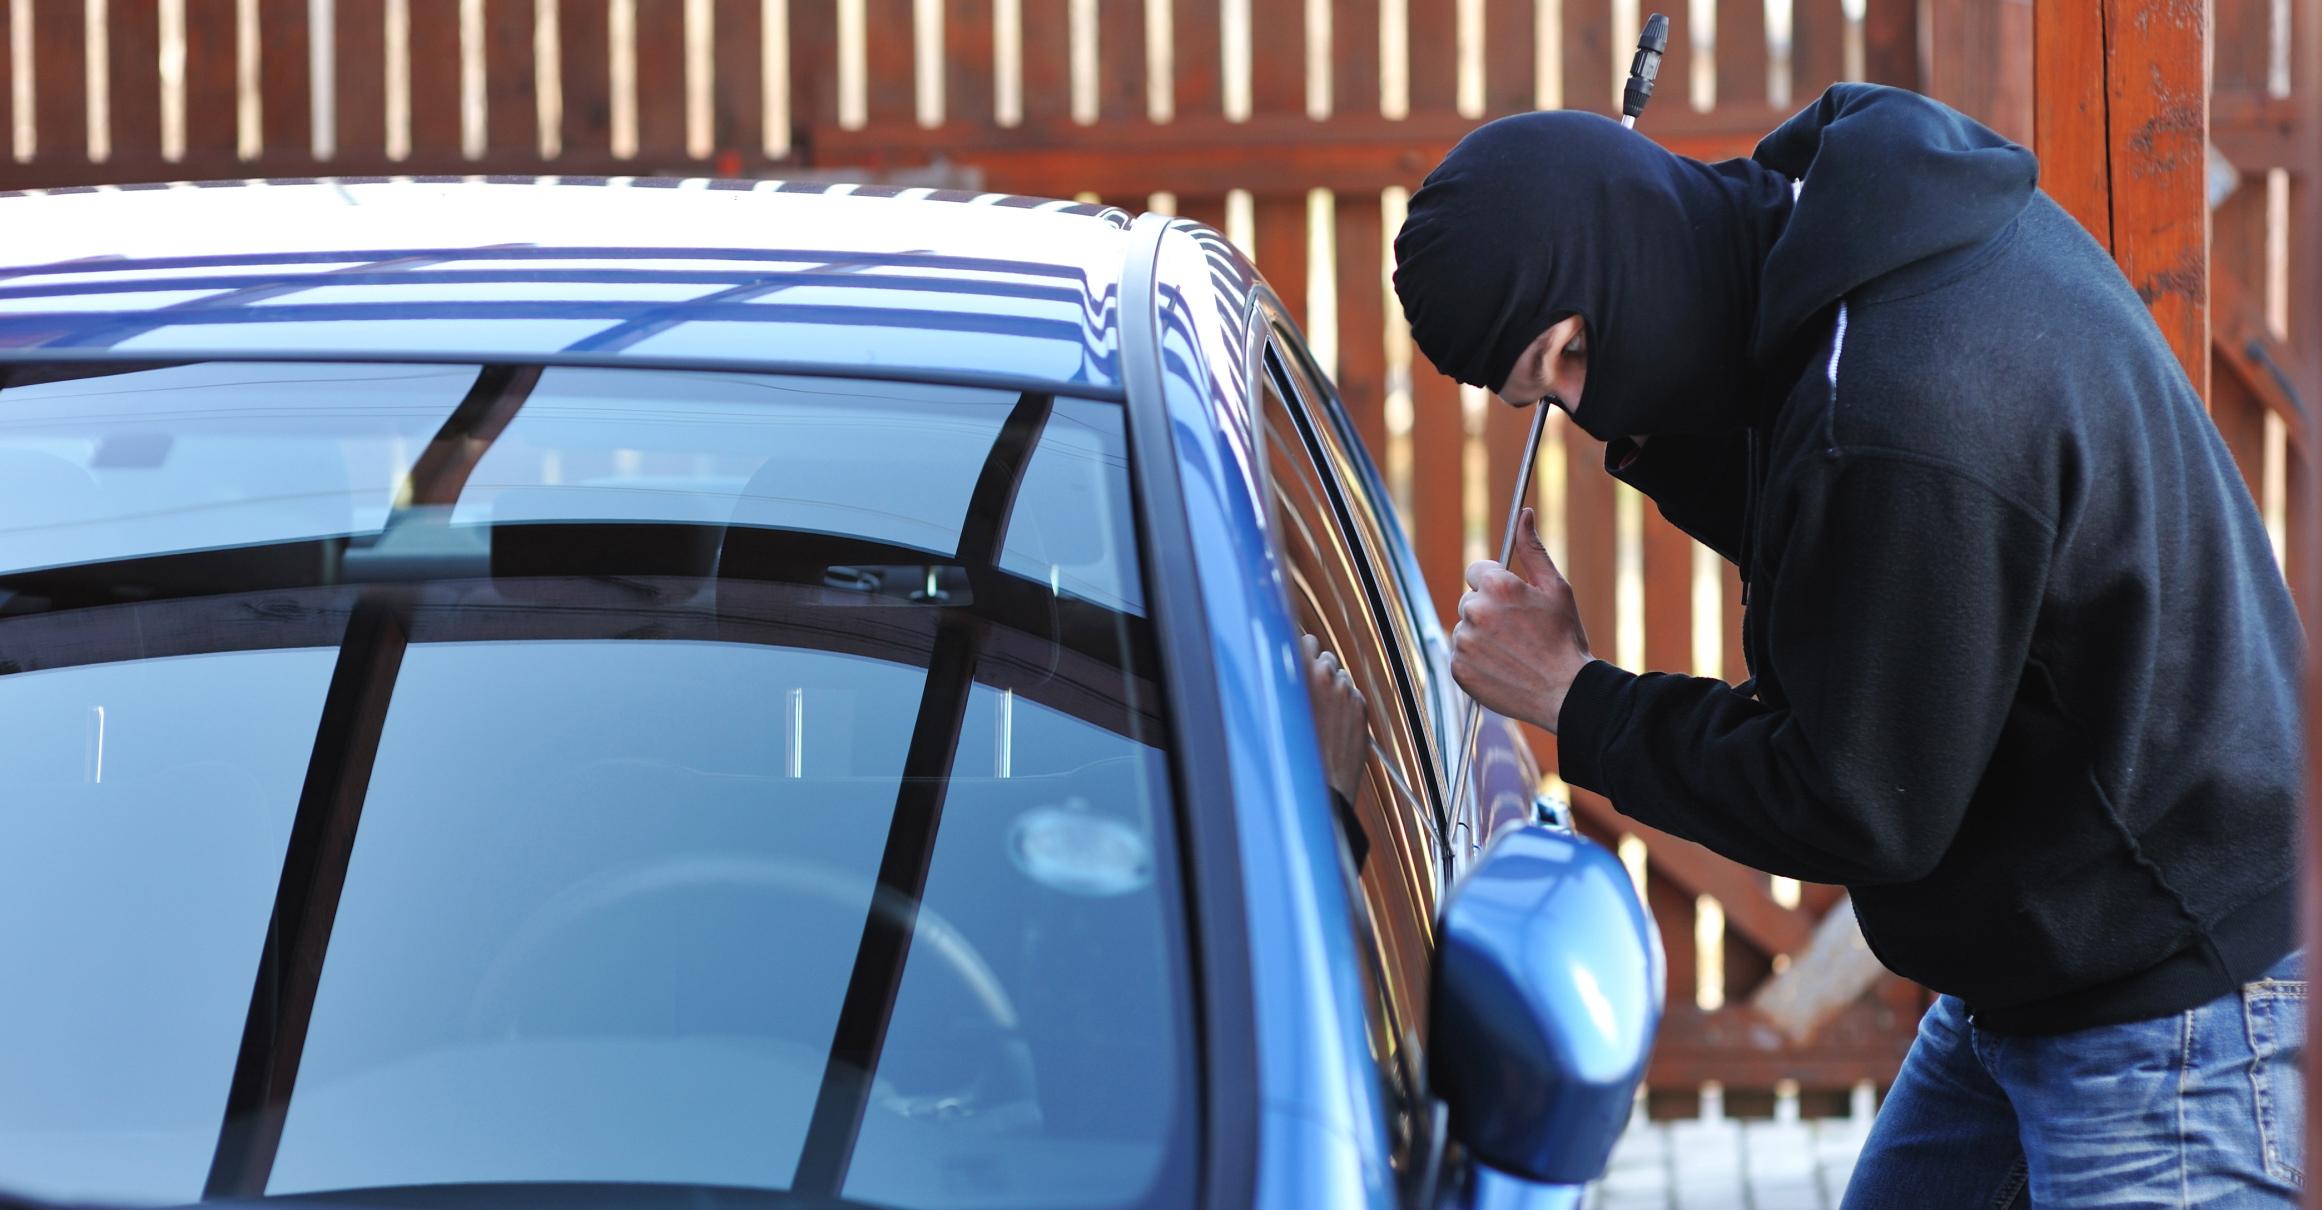 بالصور تفسير حلم سرقة السيارة , رؤية سرقة السياره في المنام 3494